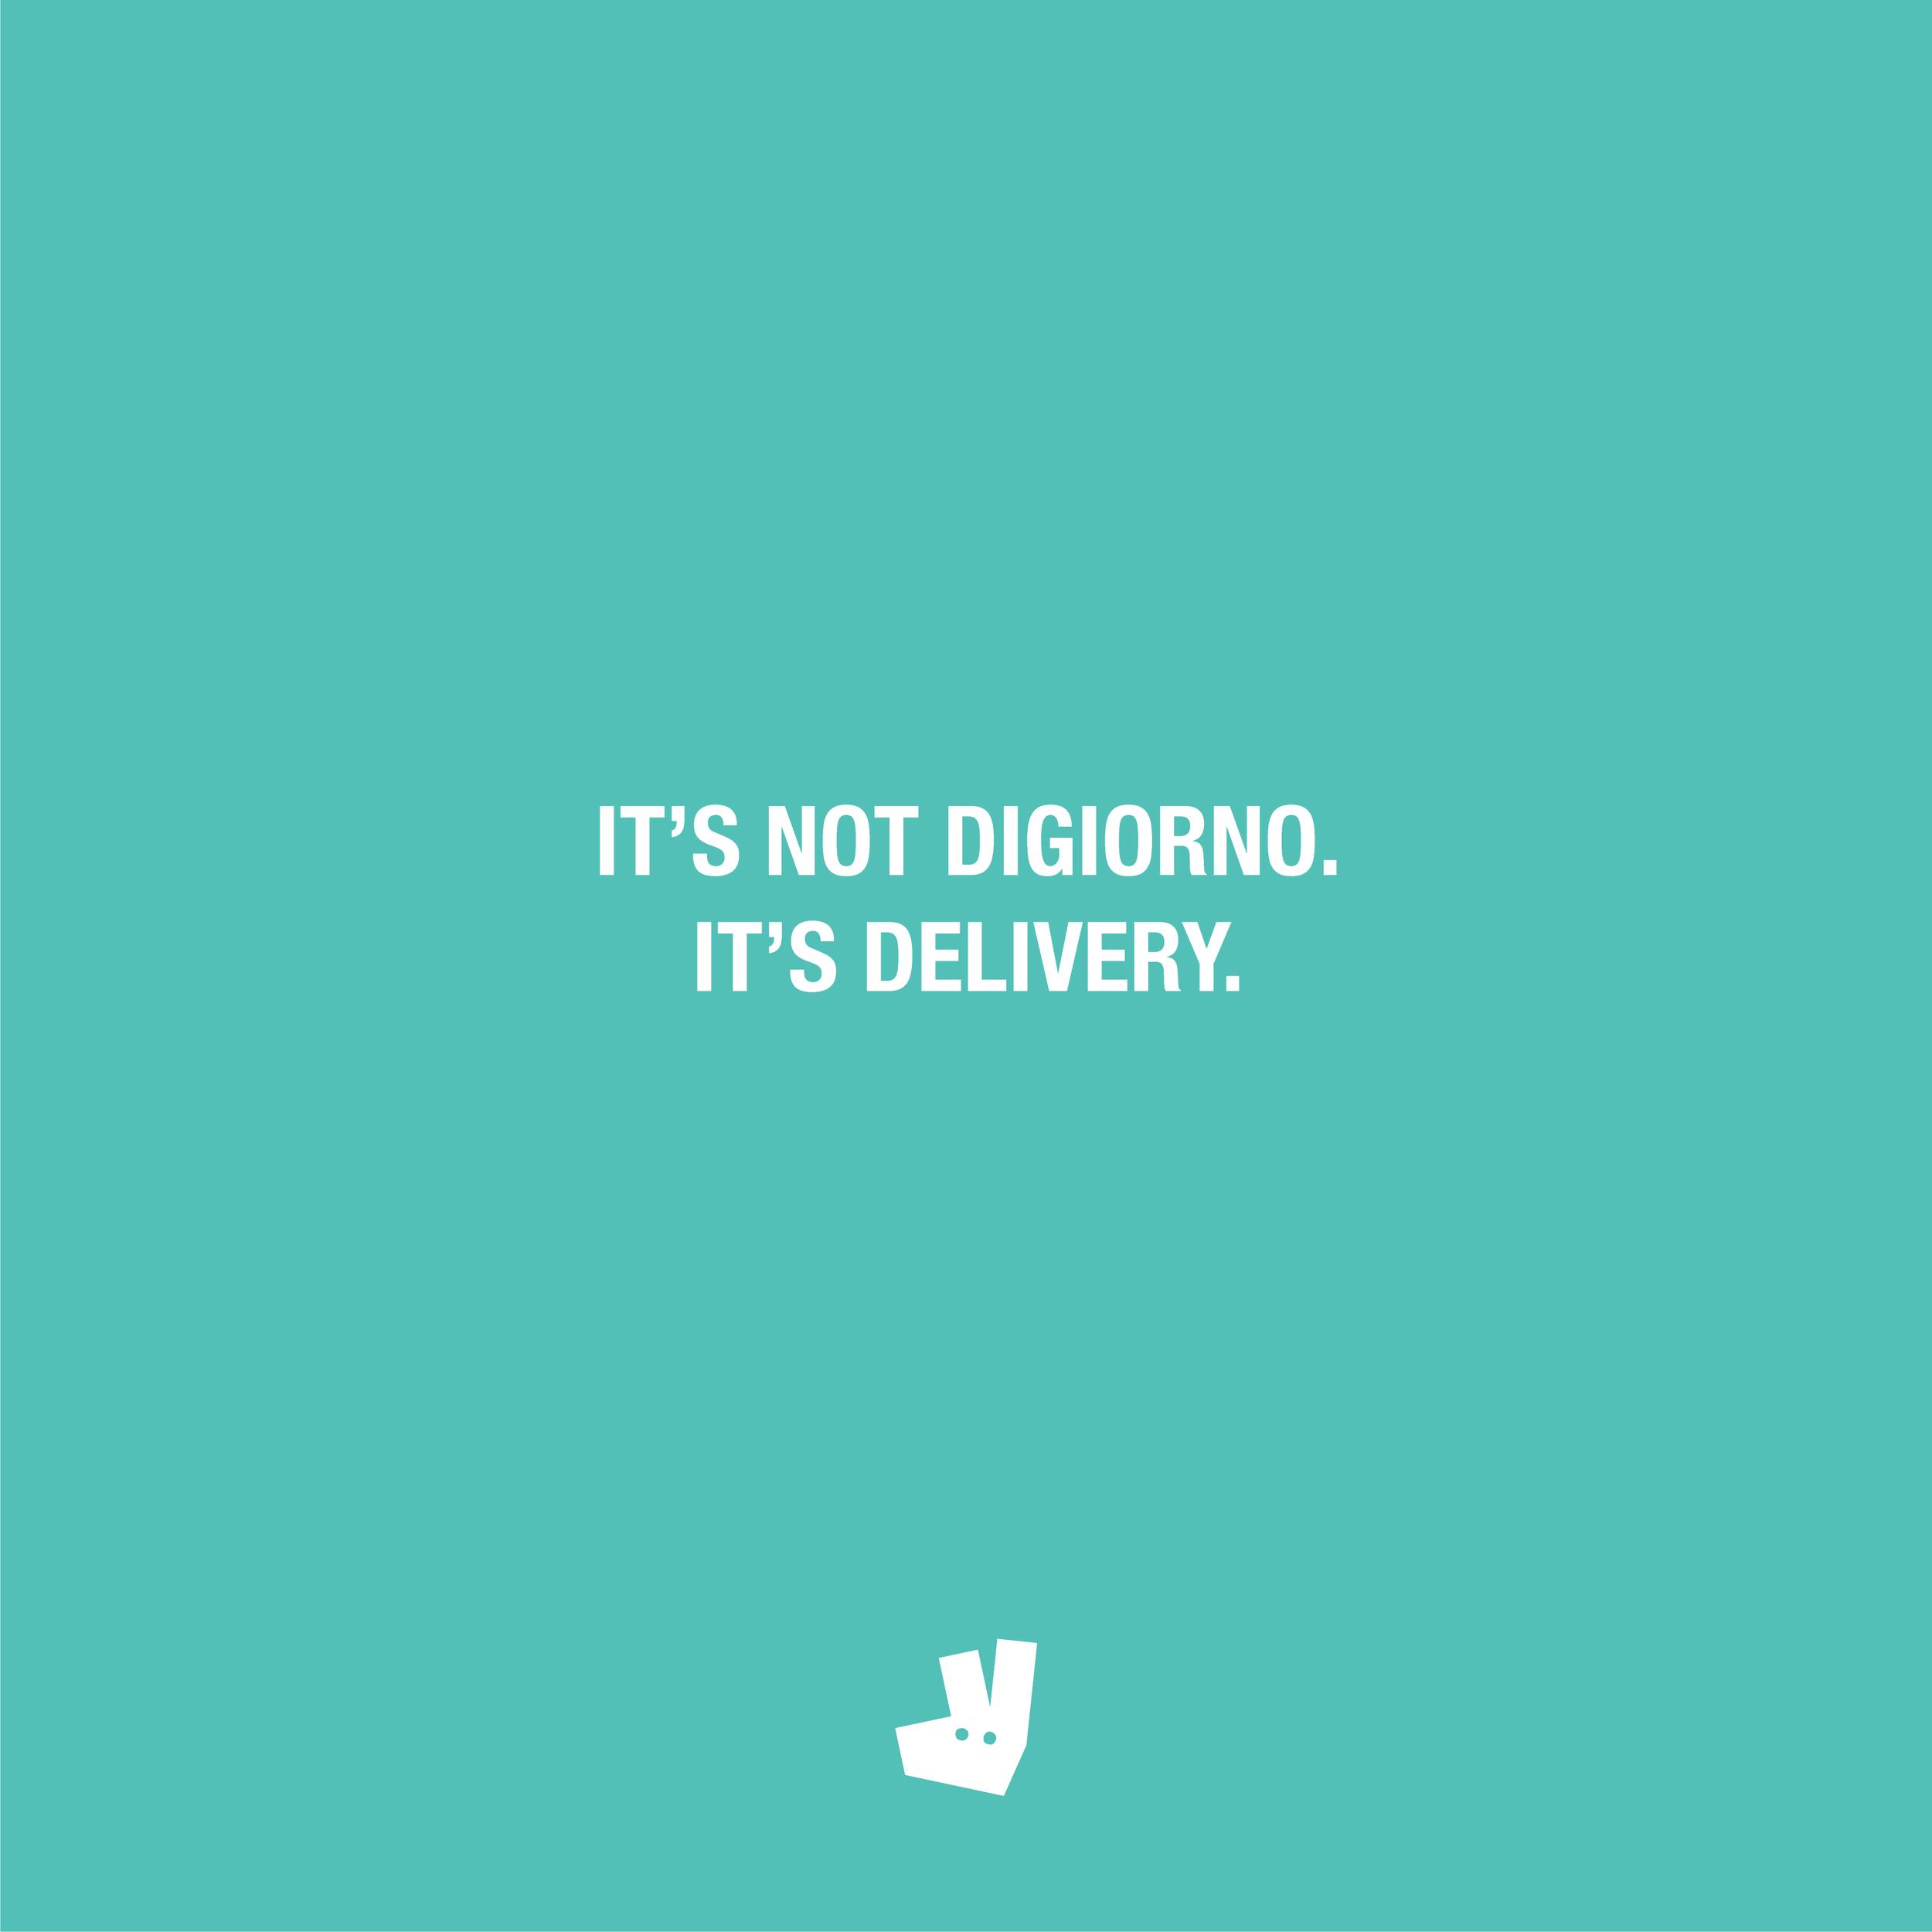 ADS__Deliveroo-02.png